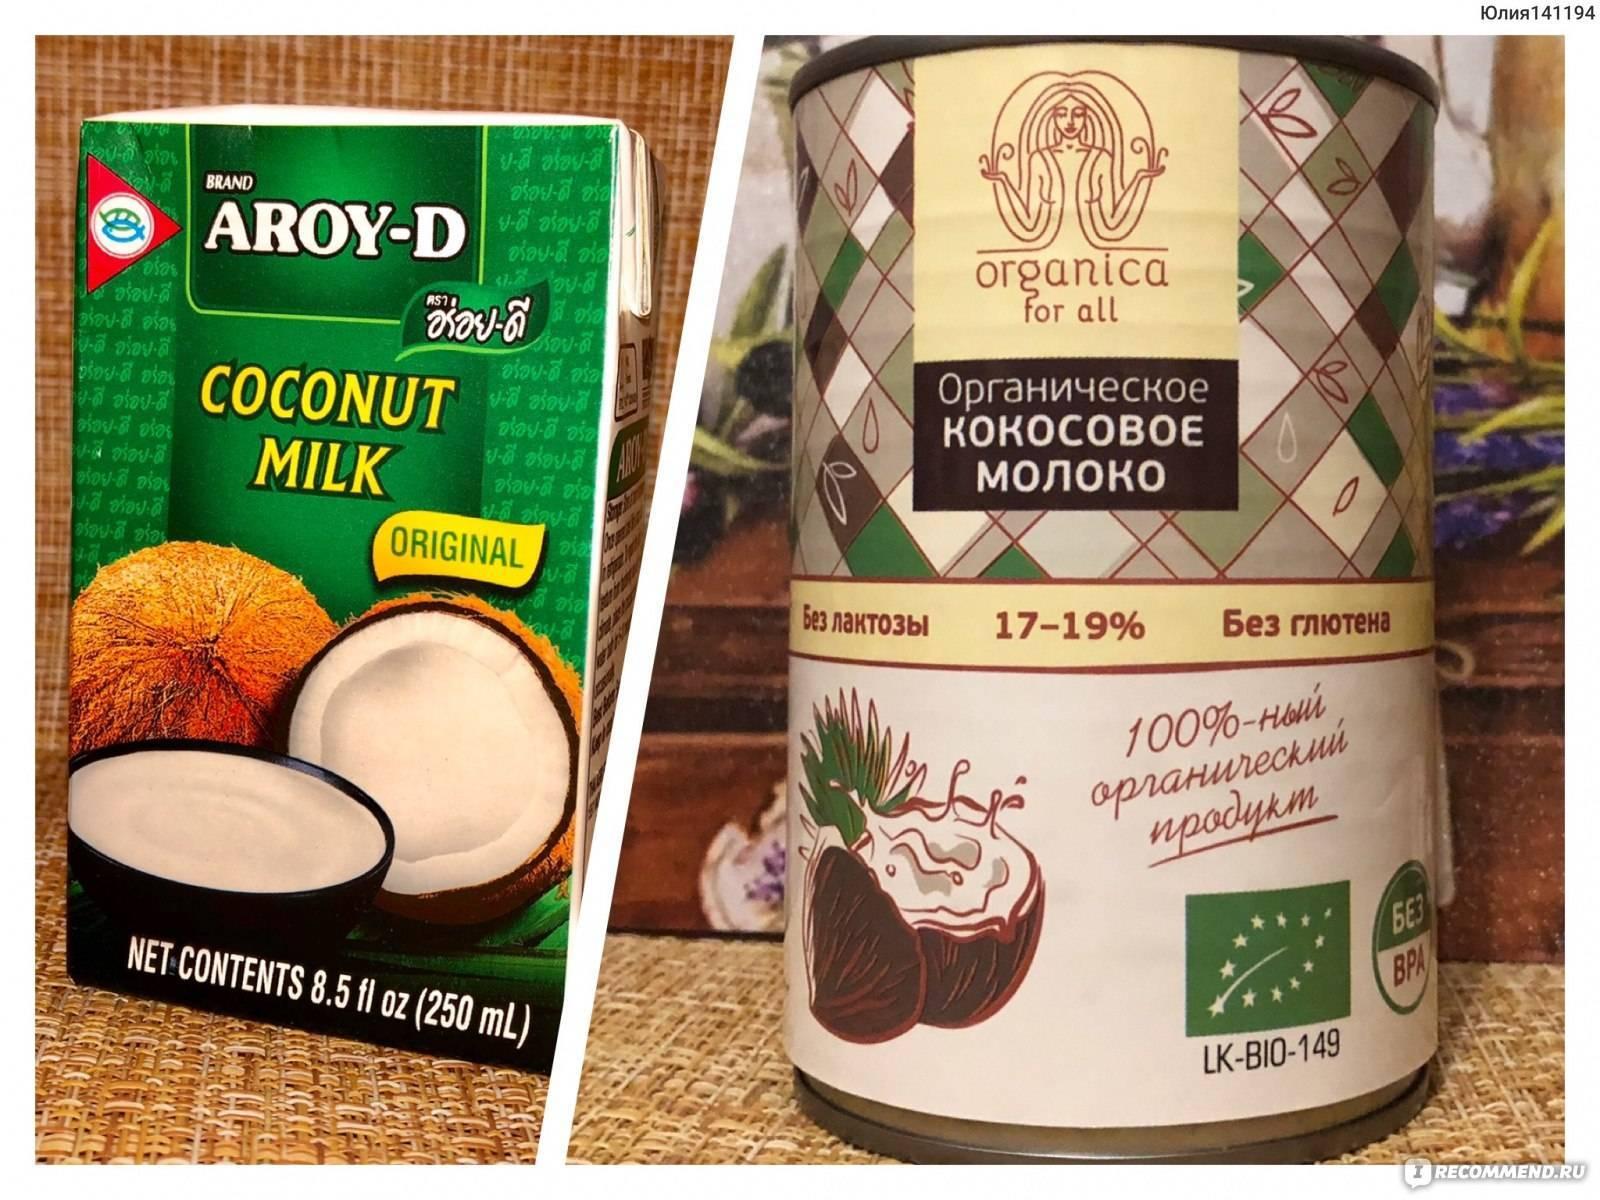 Кокосовое молоко: польза и вред для организма - применение для лица и волос, рецепты блюд, противопоказания